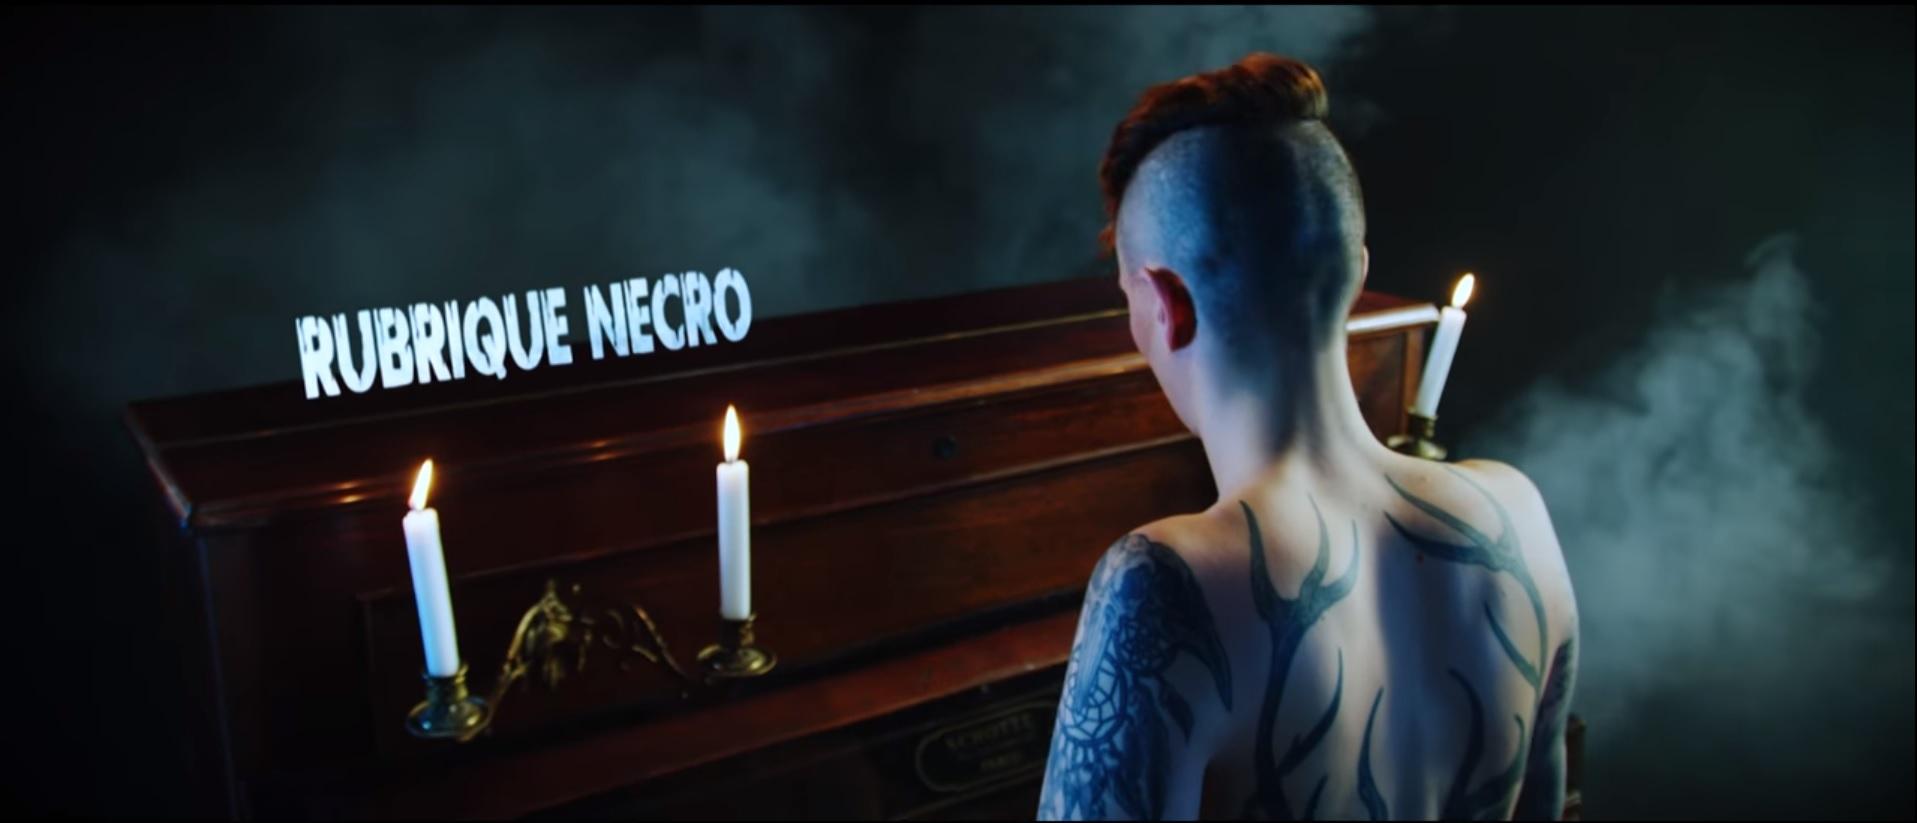 Seth Gueko – Rubrique Nécro feat Lino (Clip Officiel)